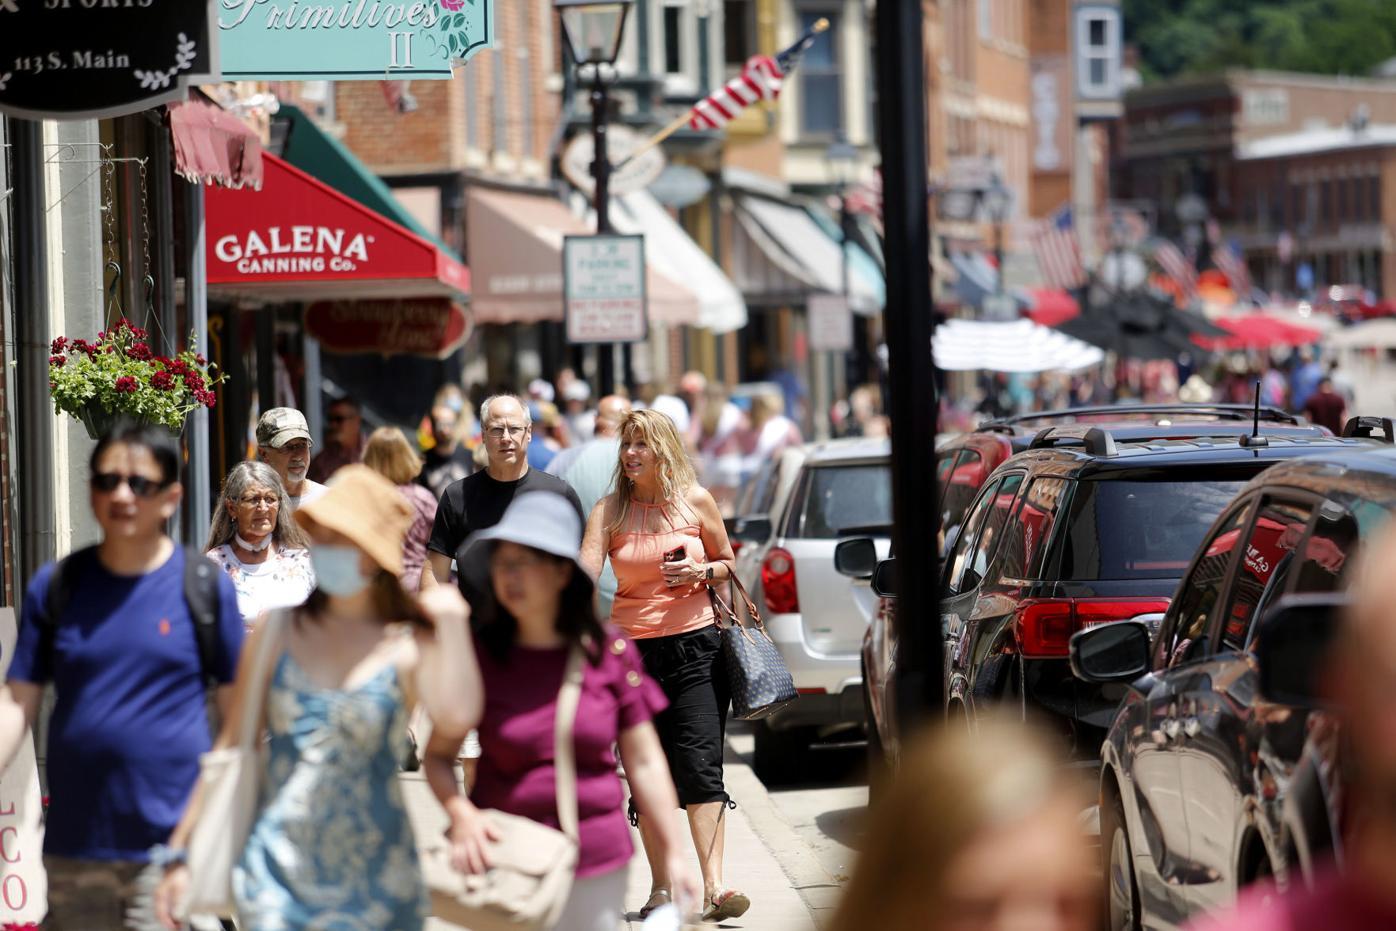 Tourism rebound - Galena